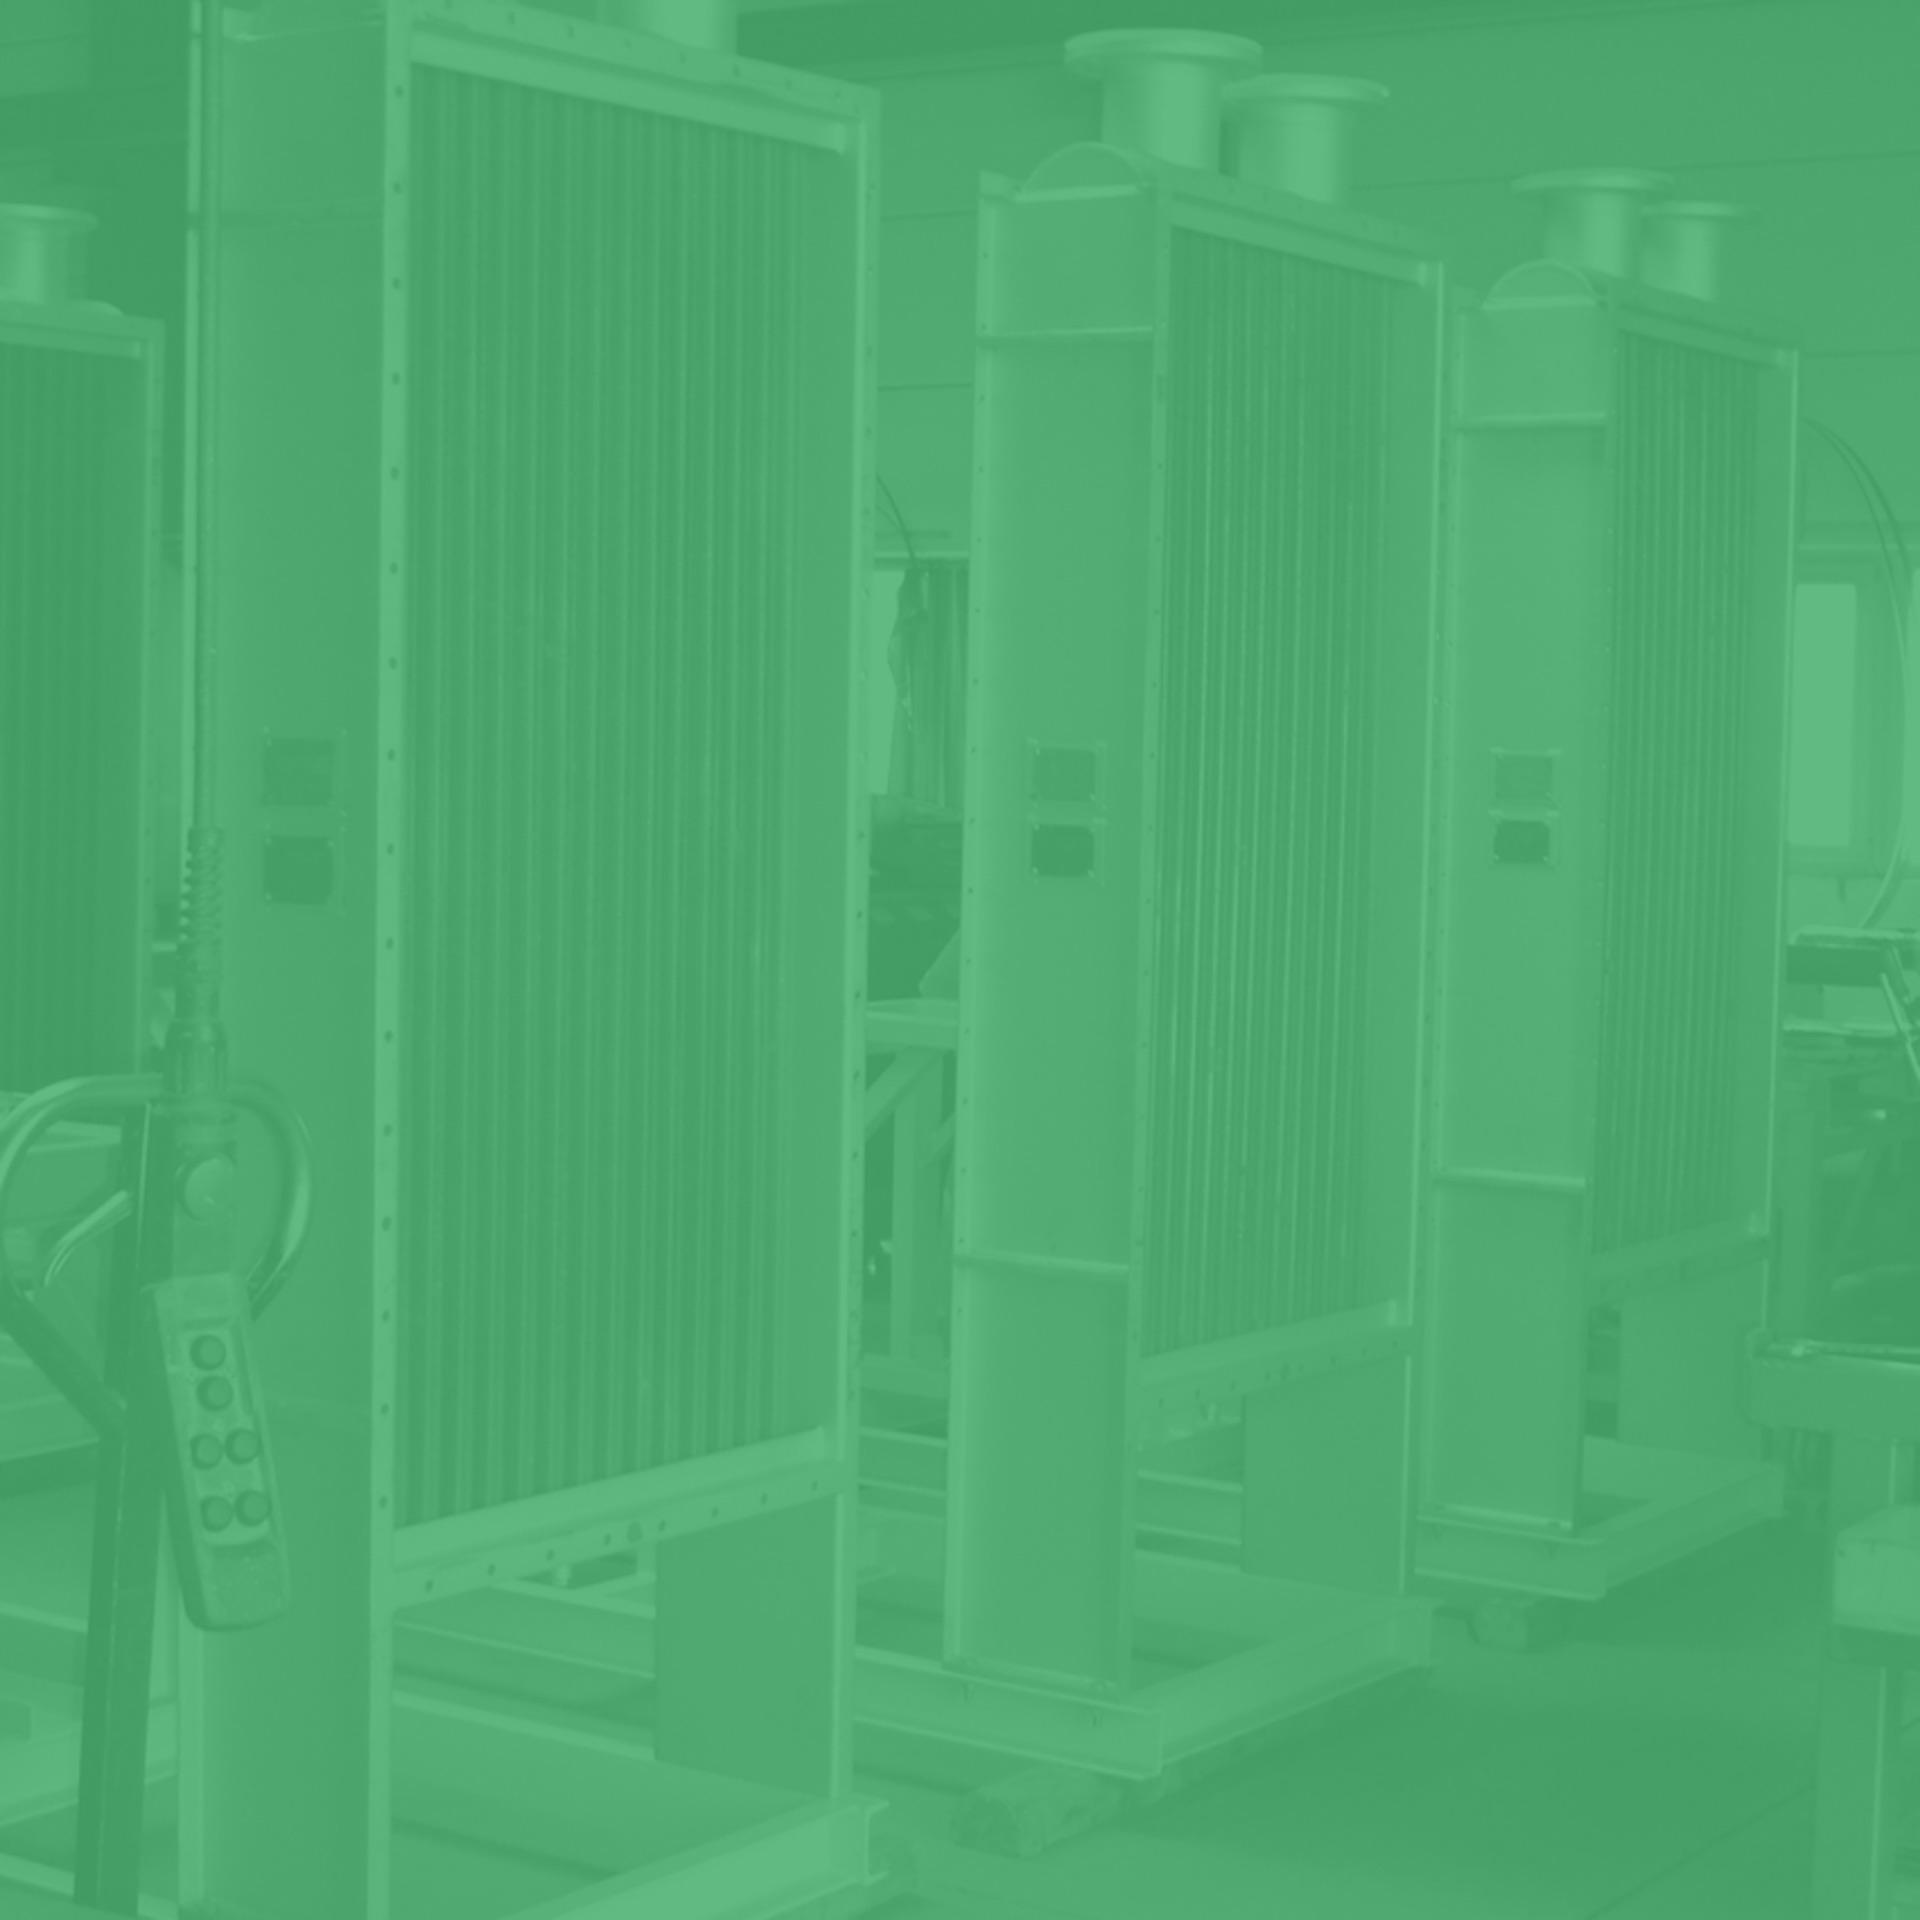 GWA_heat_exchanger_air_heater_and_air_cooler_carbon_steel_elliptical_steel_galvanized_tubes_and_extended_sidewalls_Gesellschaft_fuer_Waerme_und_Anlagentechnik_mbH_monochrom